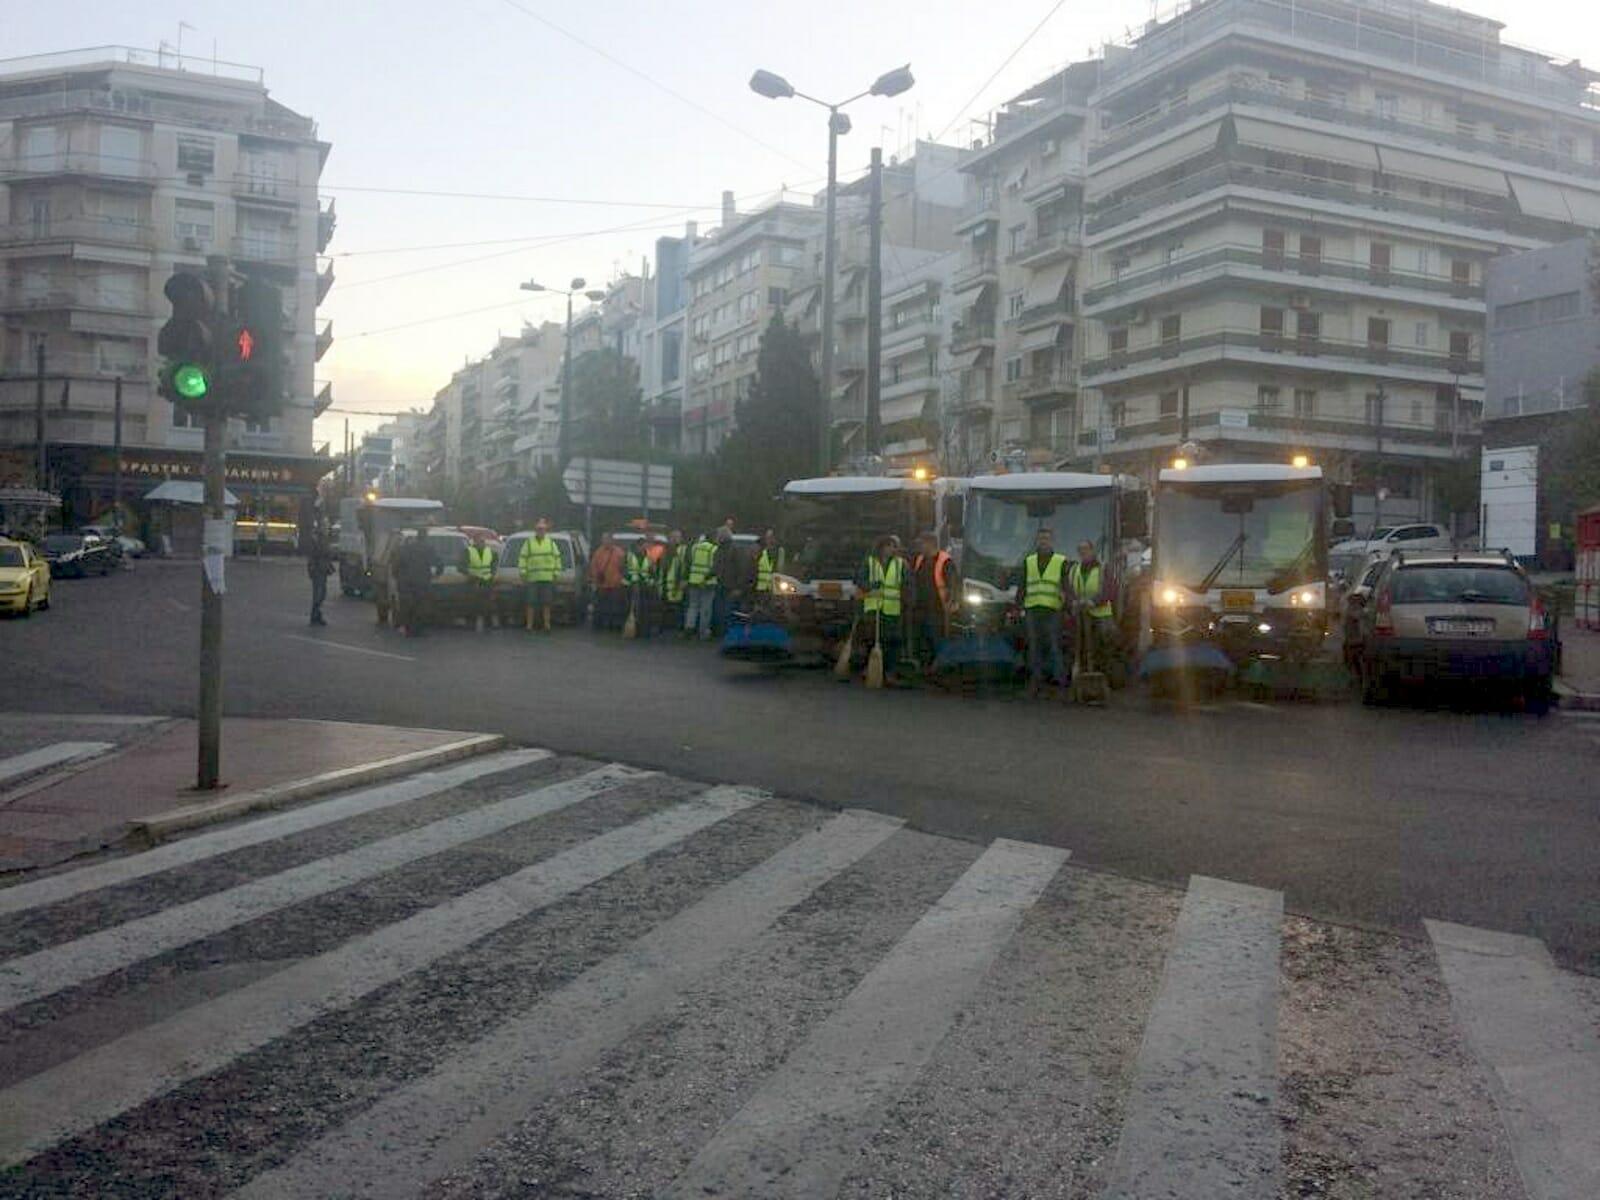 Δήμος Αθηναίων: Αυτοί οι δρόμοι καθαρίστηκαν στο Παγκράτι [Pics]